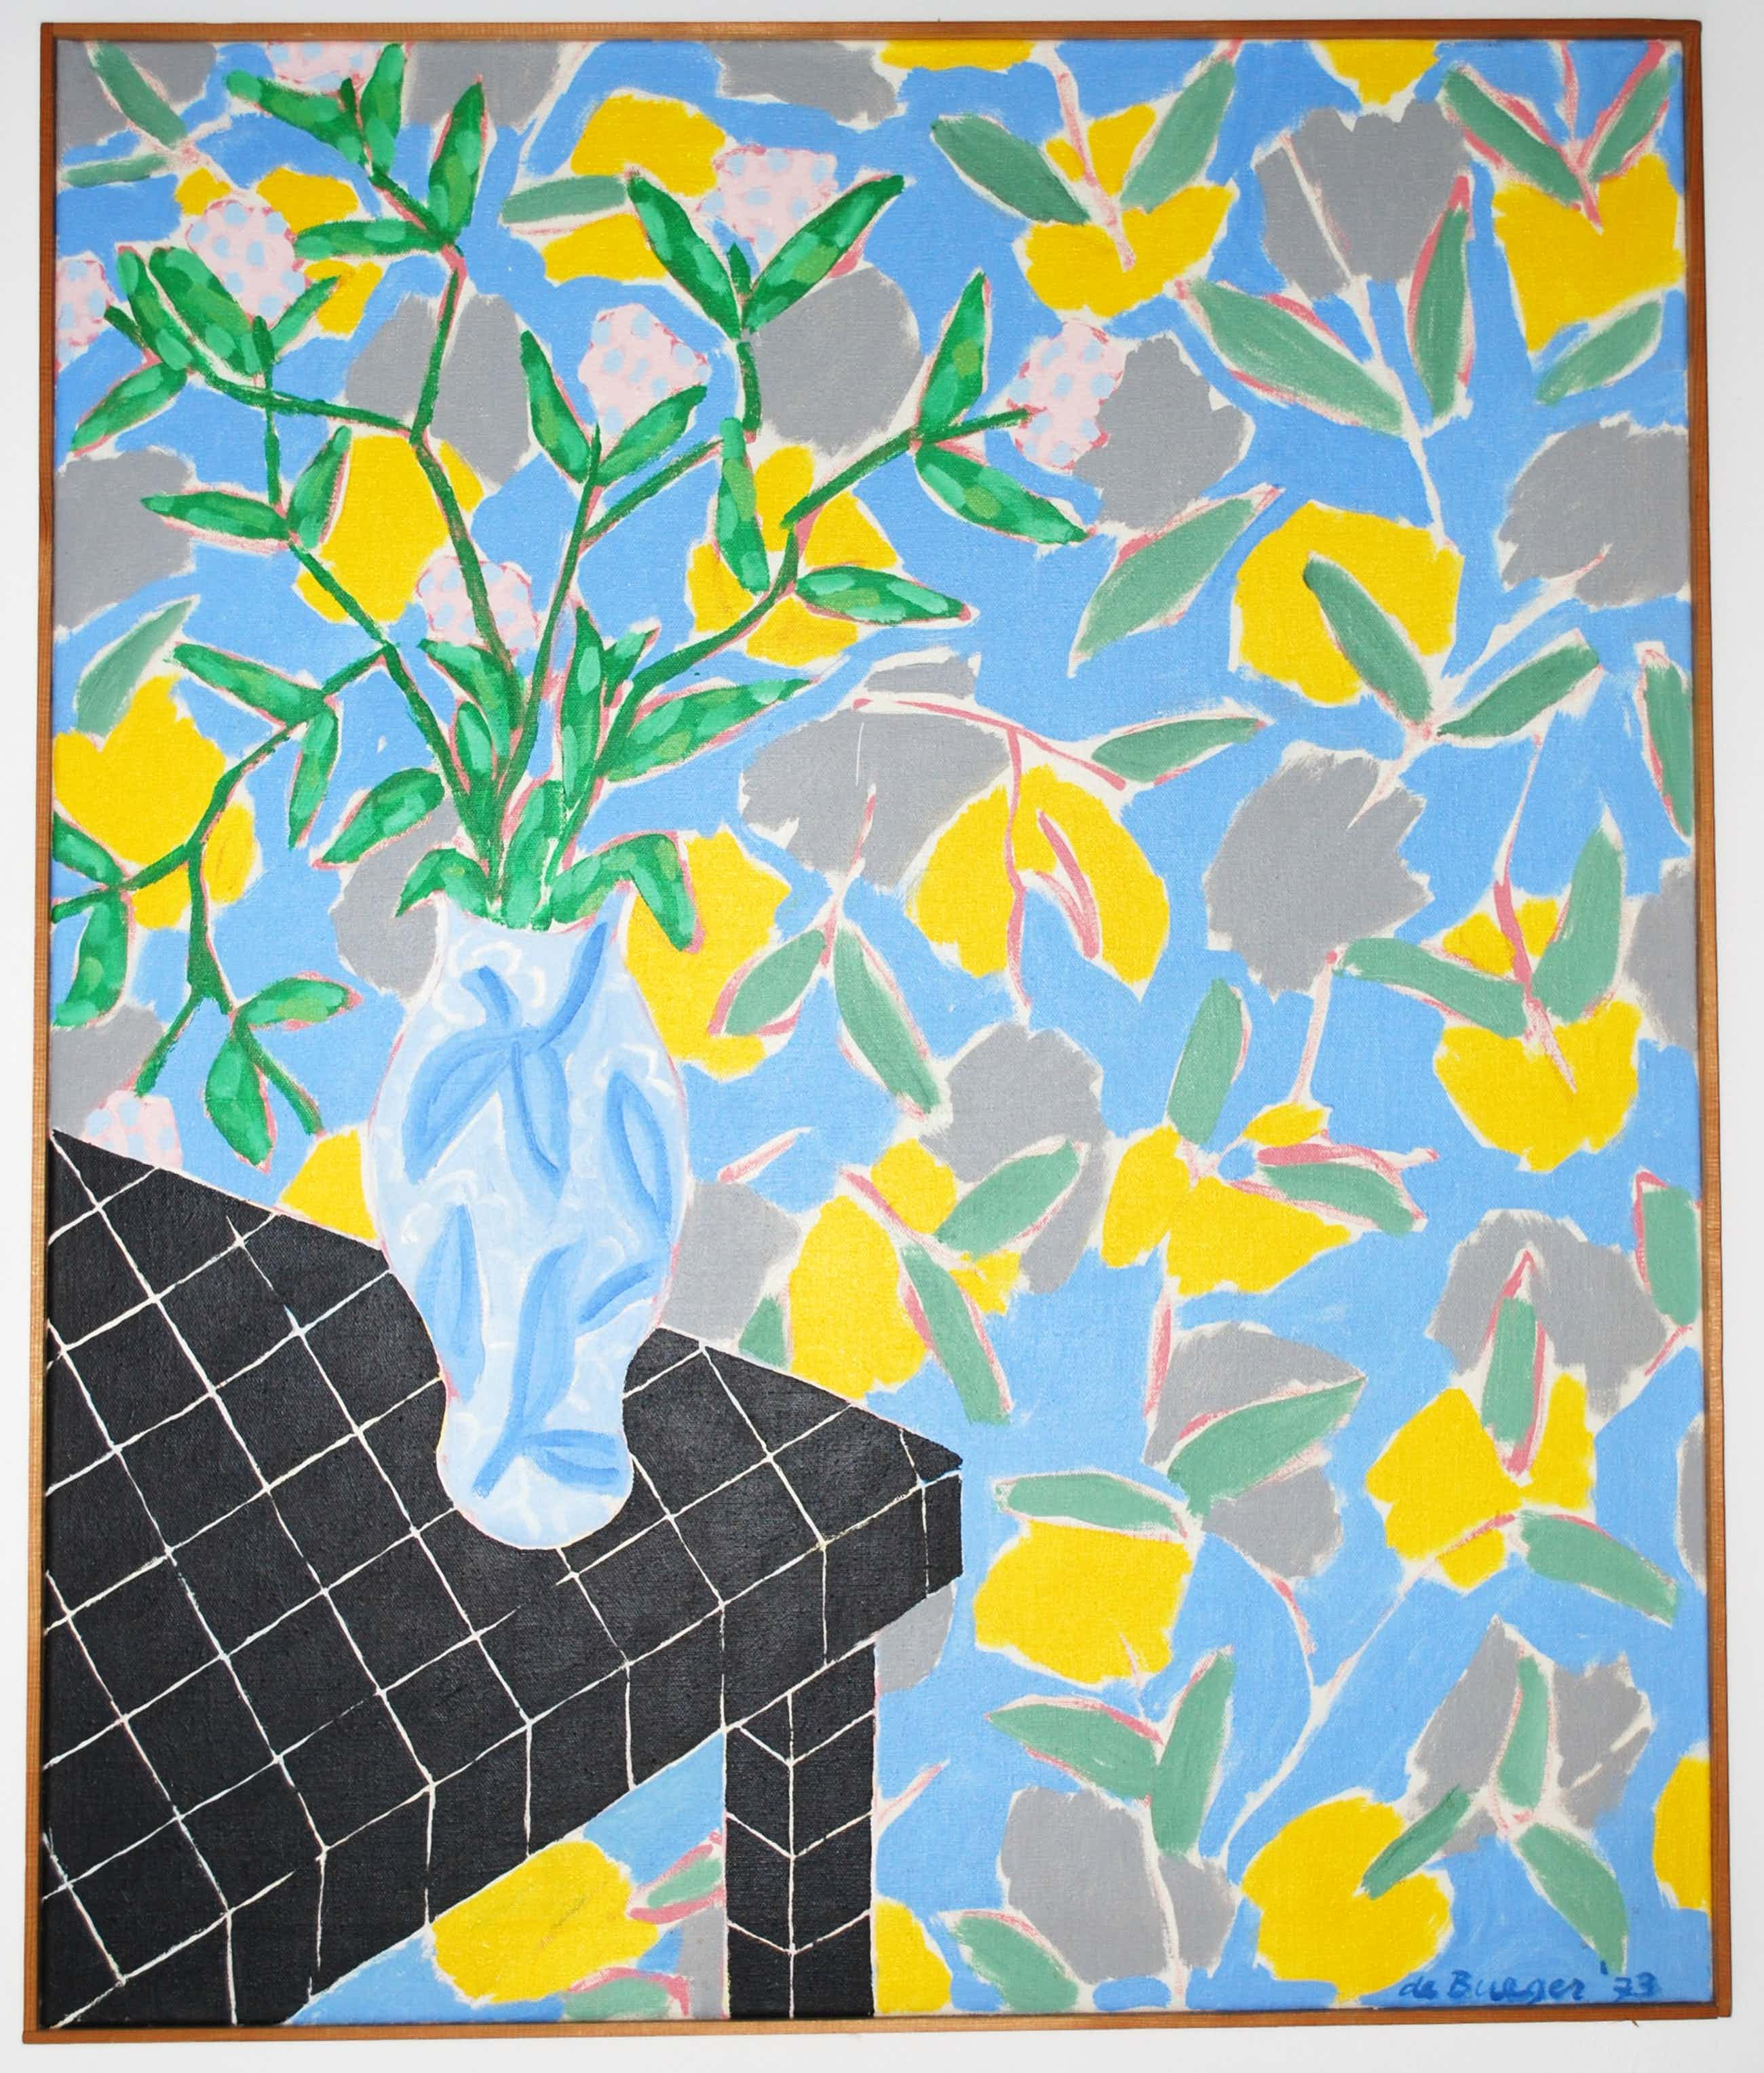 Chris de Bueger - Vaas bloemen op een zwarte tafel - schilderij uit 1973 - Groot: 120x100 cm - kopen? Bied vanaf 450!